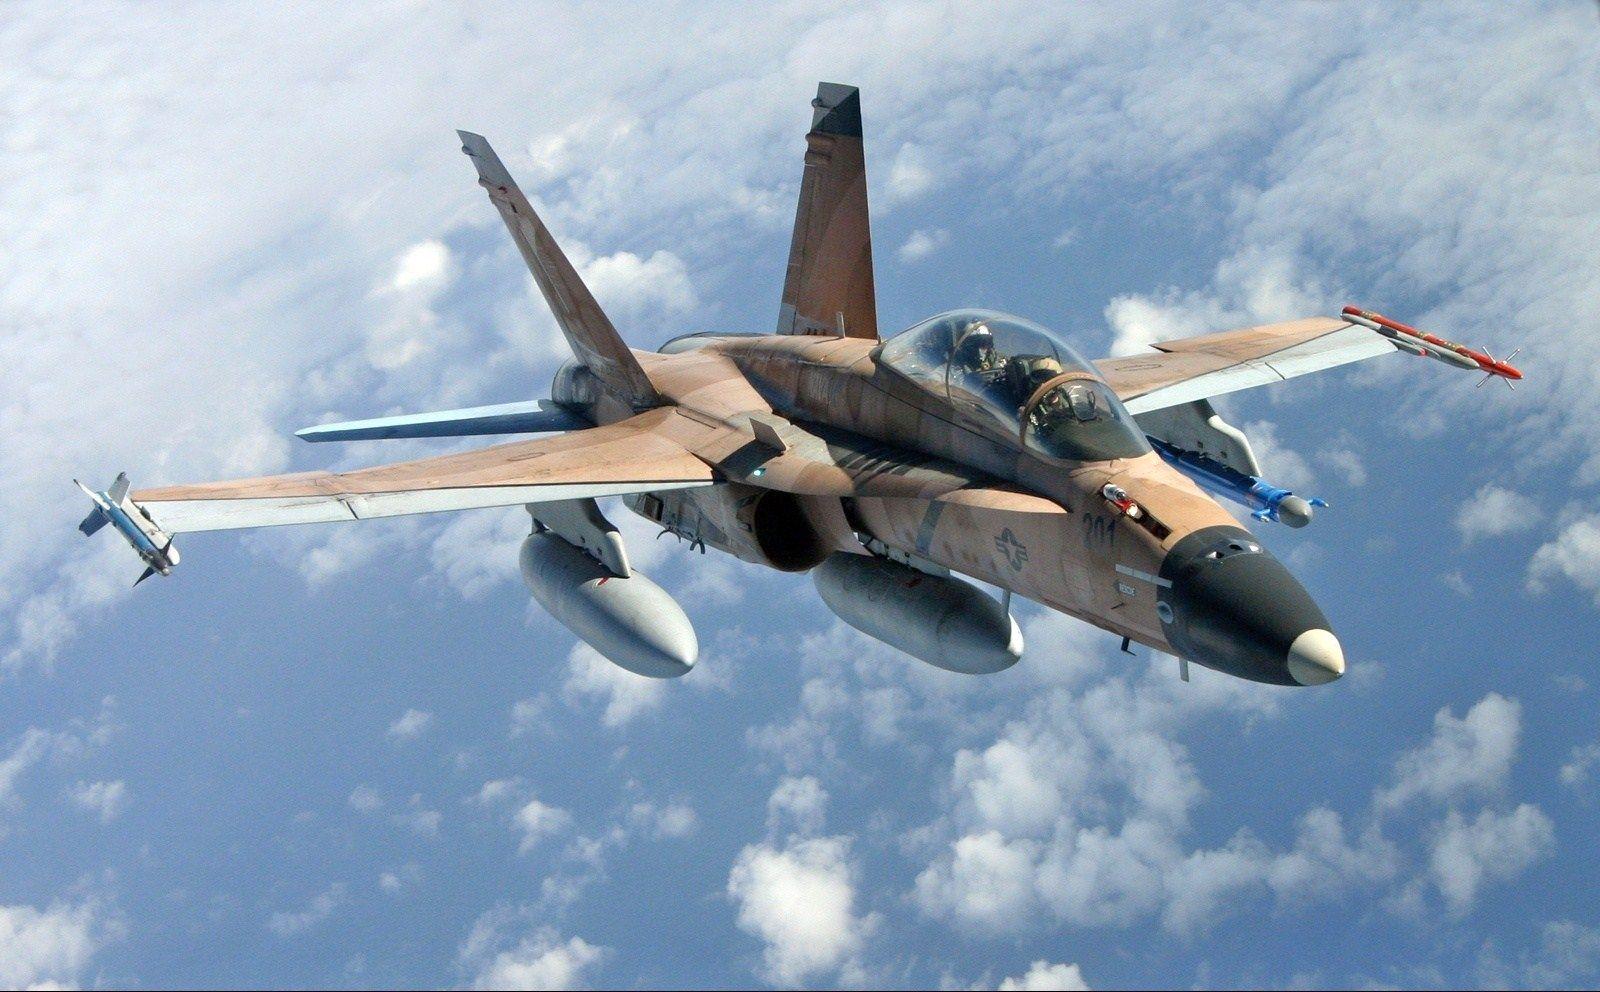 такой картинки с самолетами военными цены ресторанного